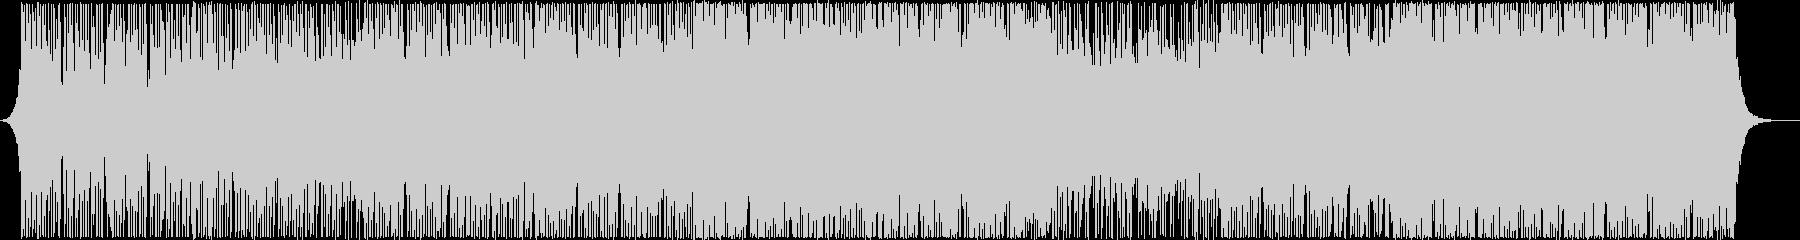 アップリフティングハウスの未再生の波形